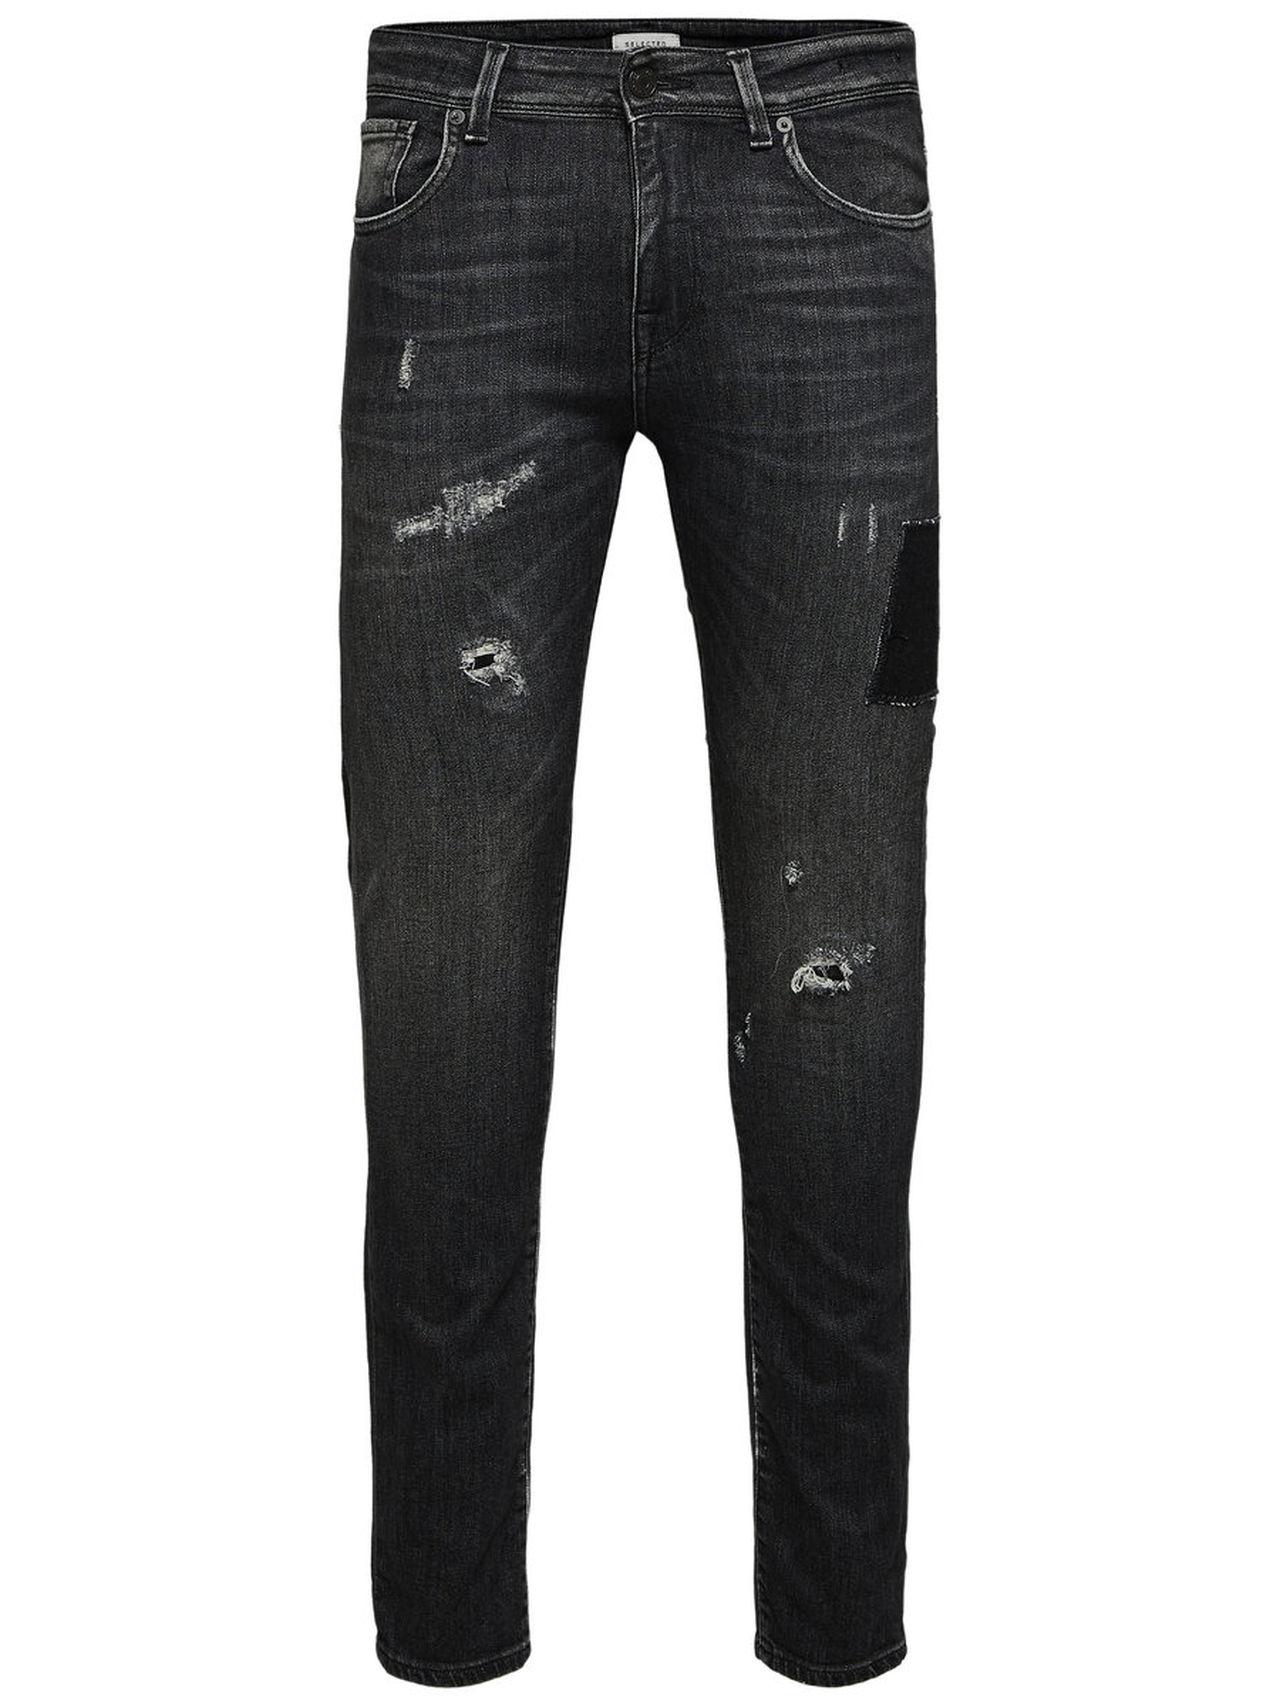 SELECTED 1450 – Slim Fit Jeans Man Grå